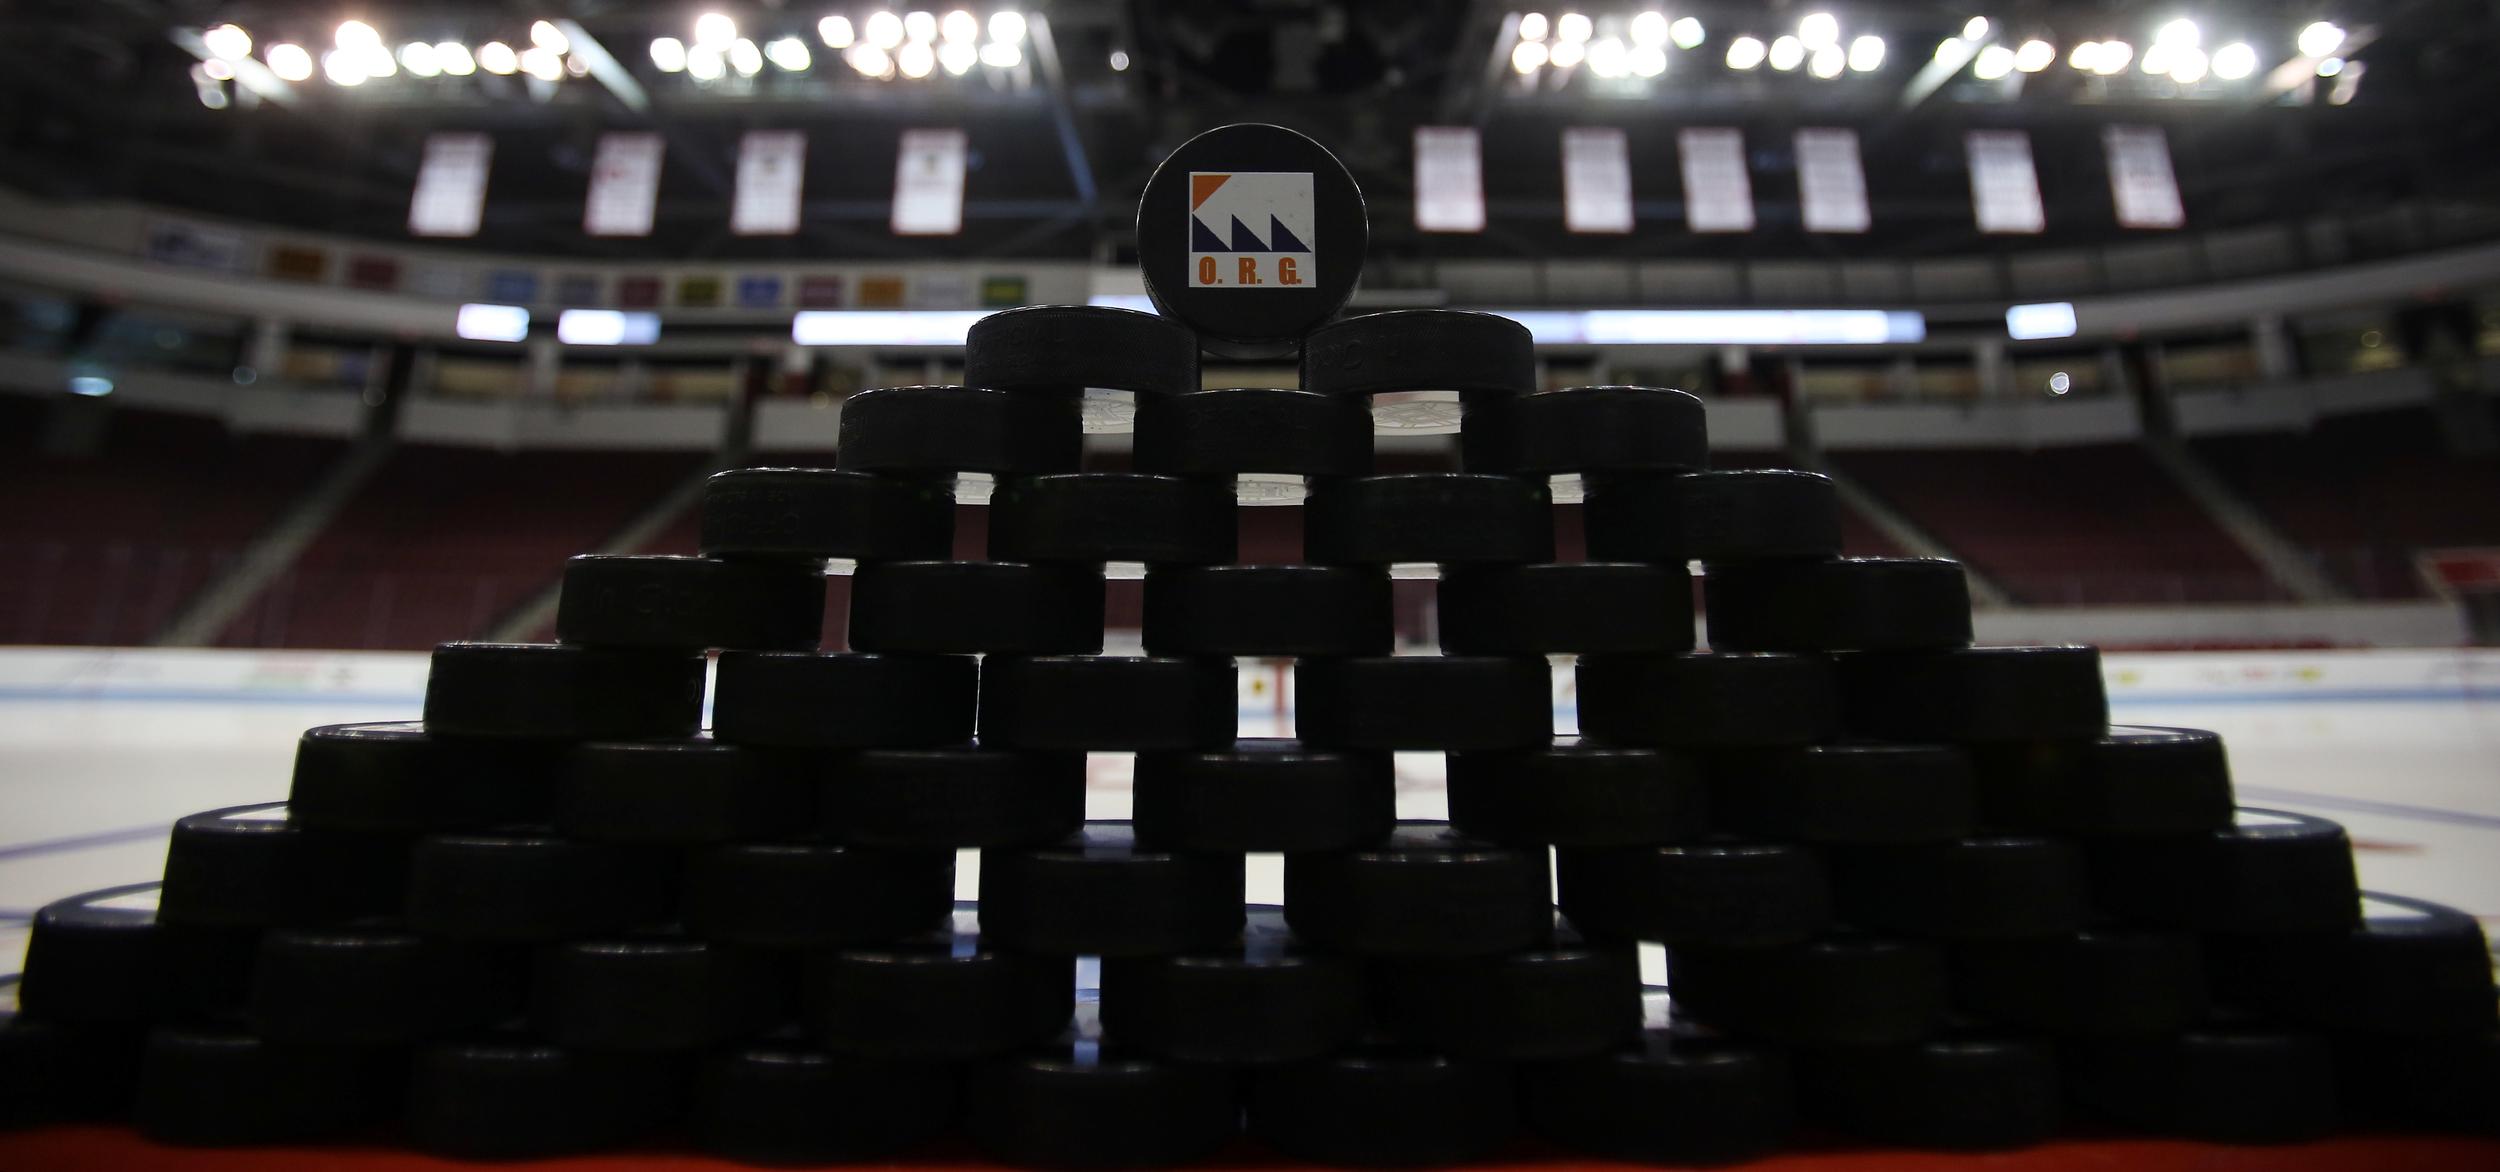 BostonBruins_InternationalHockeyatBU1.JPG